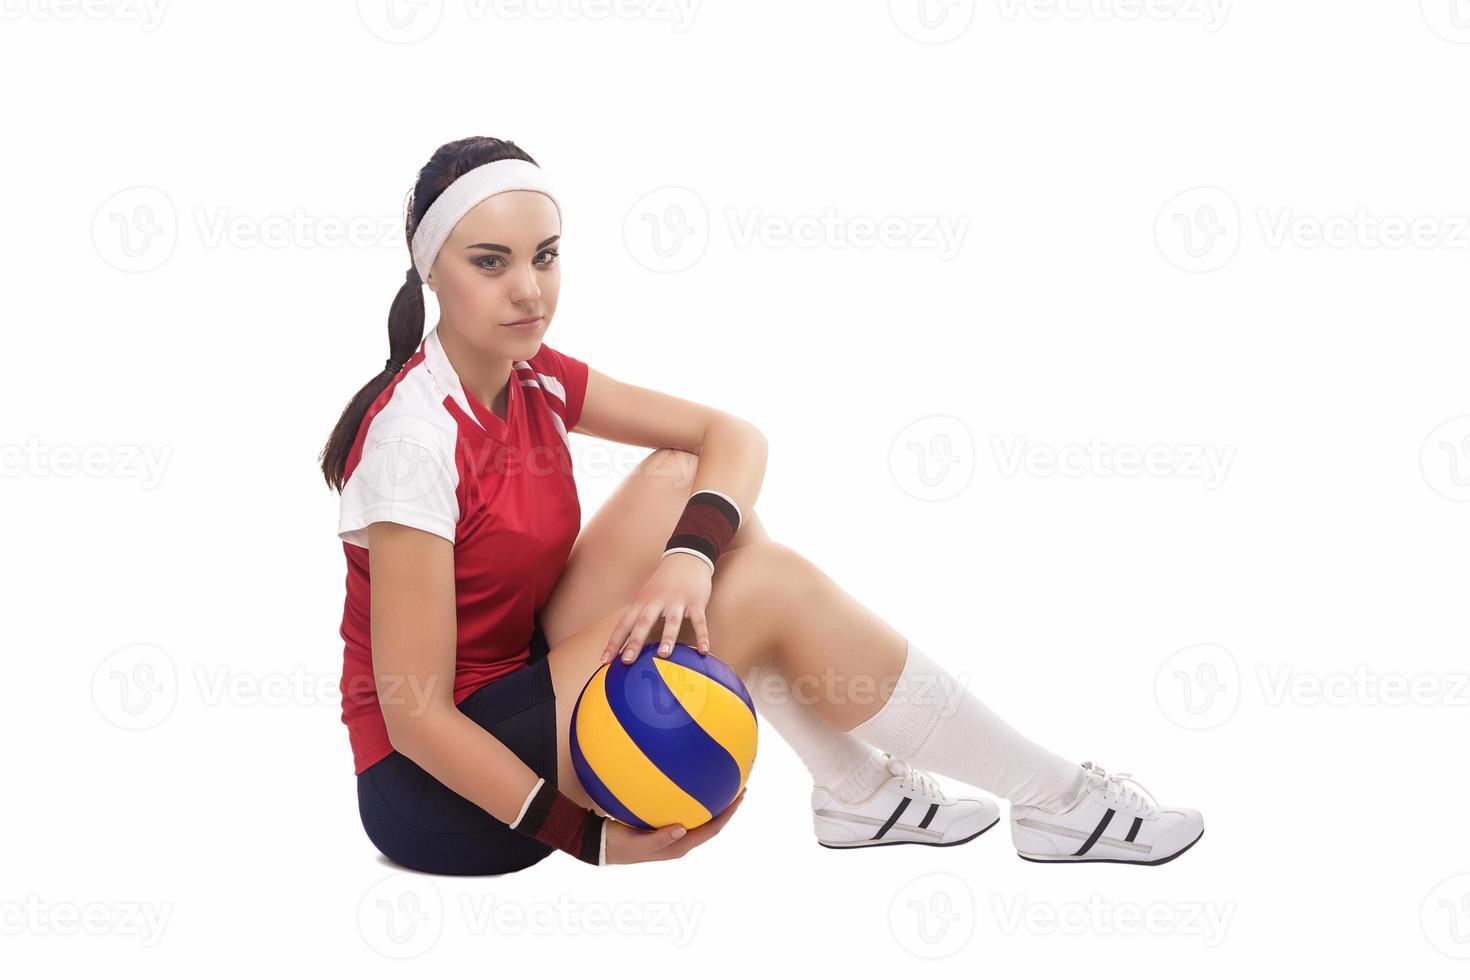 giocatore di pallavolo femminile professionale caucasico che si siede con la sfera foto